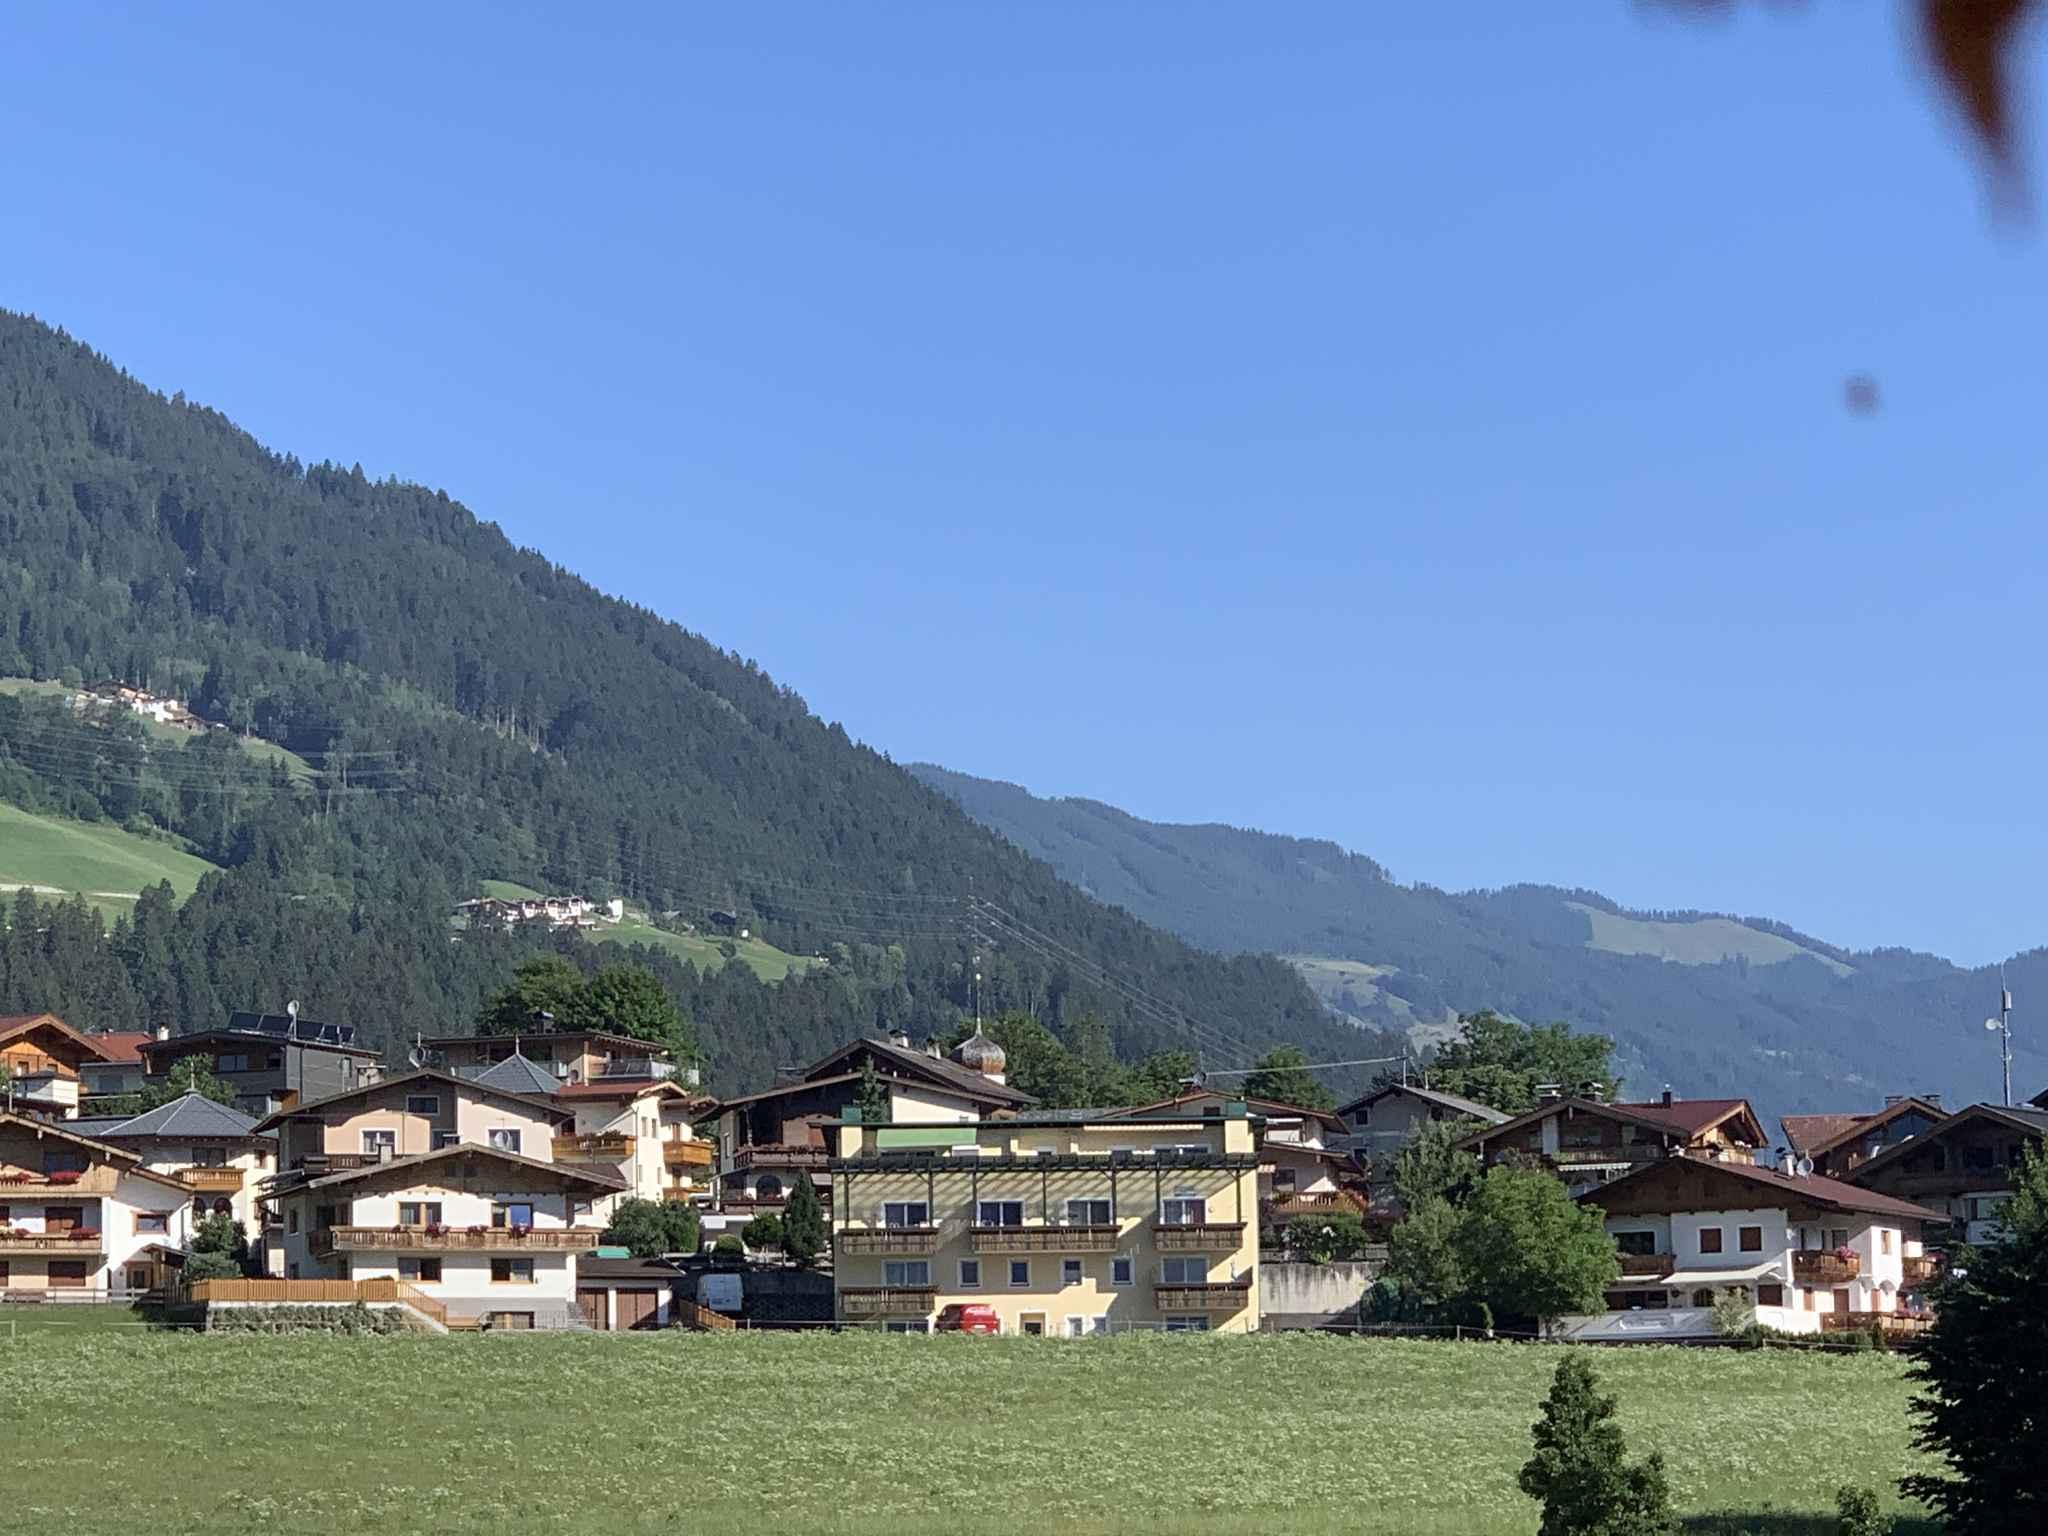 Ferienwohnung an der Talstation Kaltenbach/Hochzillertal (283777), Kaltenbach, Zillertal, Tirol, Österreich, Bild 3